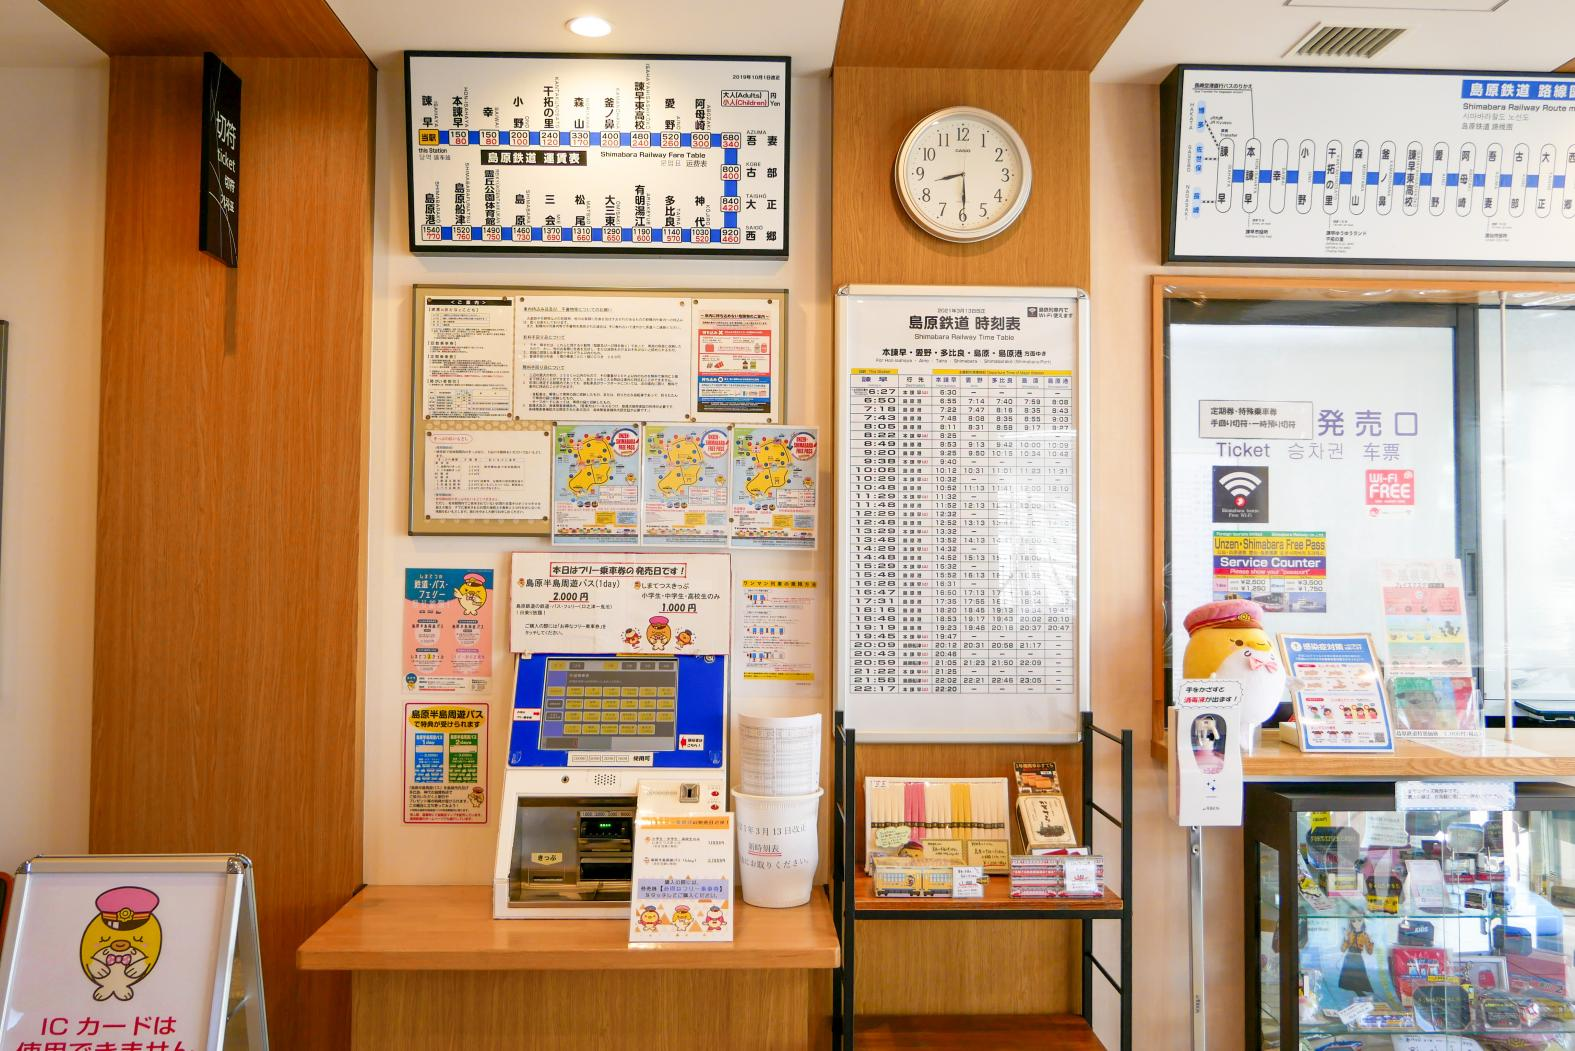 諫早駅で島原鉄道と初対面-2